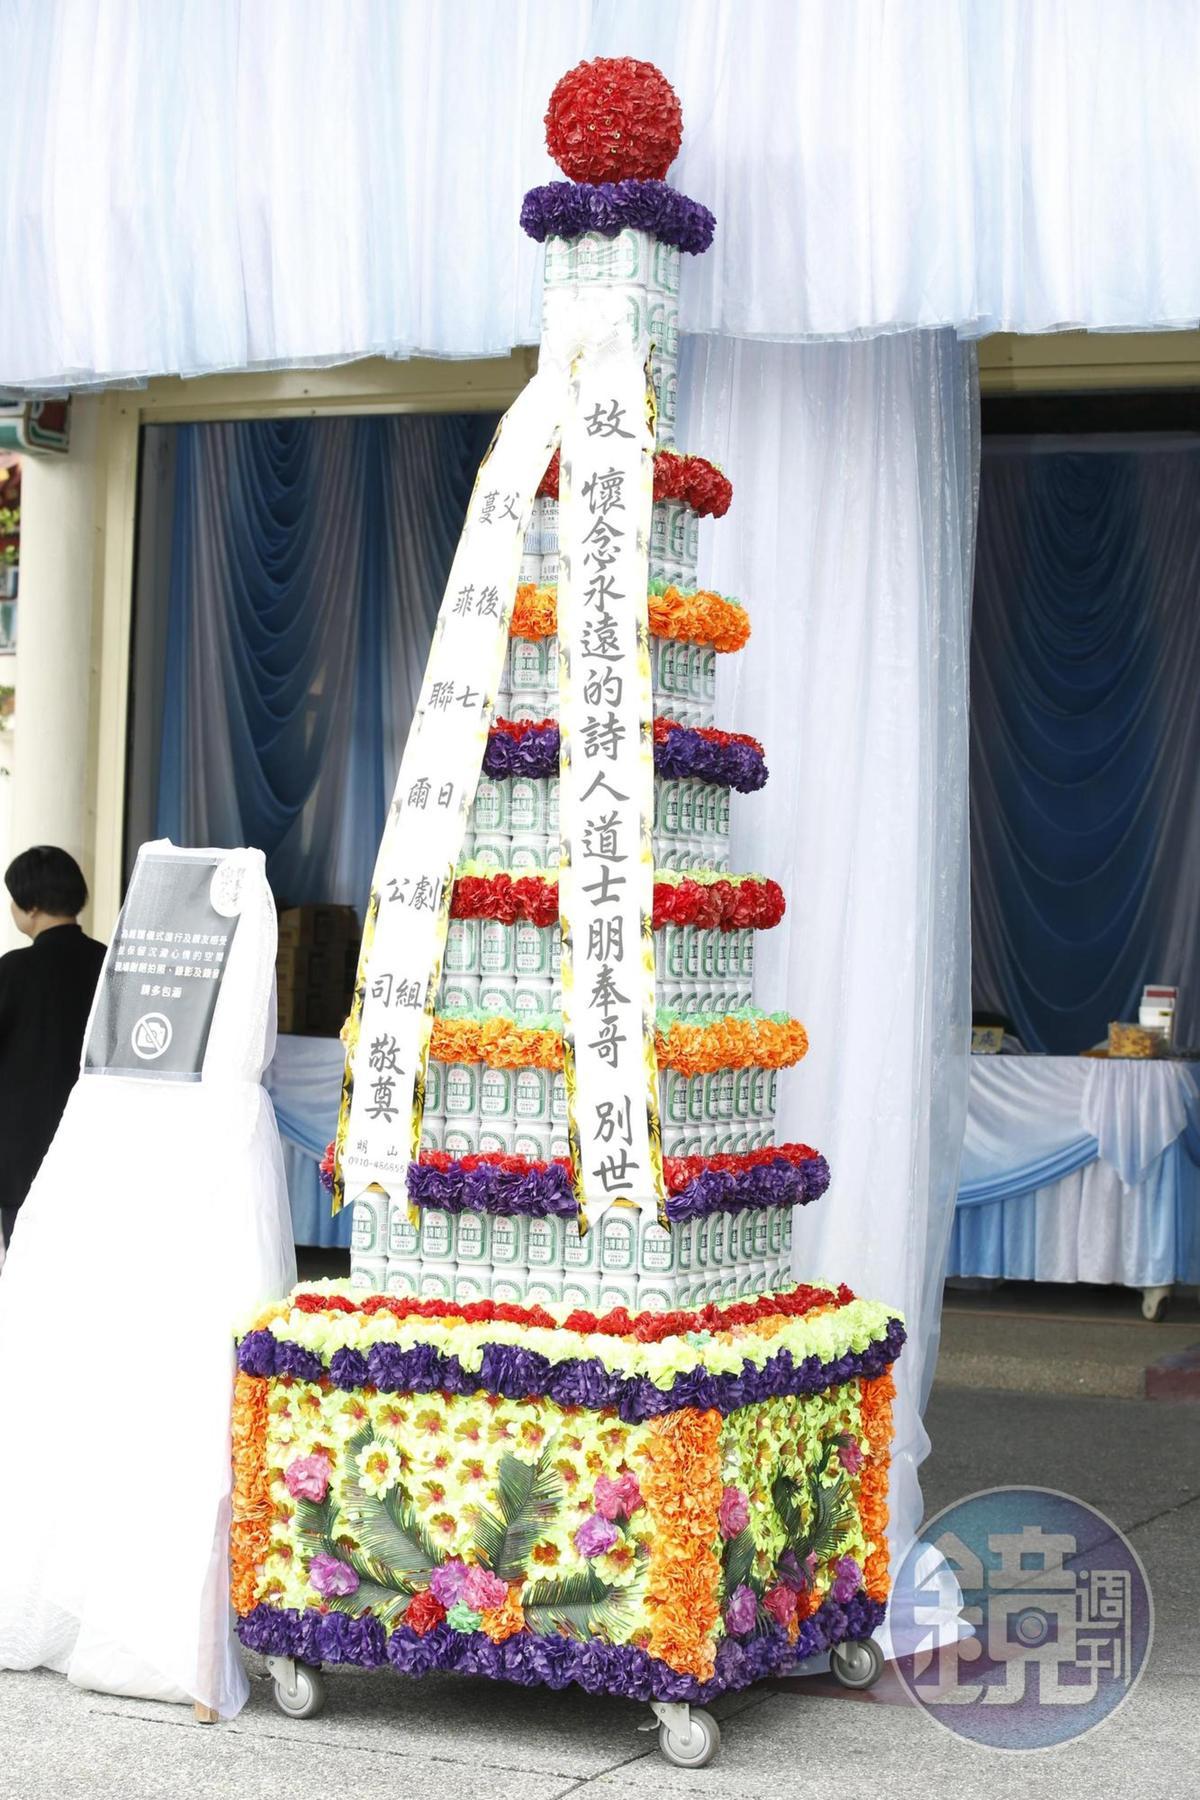 吳朋奉當年靠電影《父後七日》獲得金馬獎,劇組也送上啤酒塔悼念。